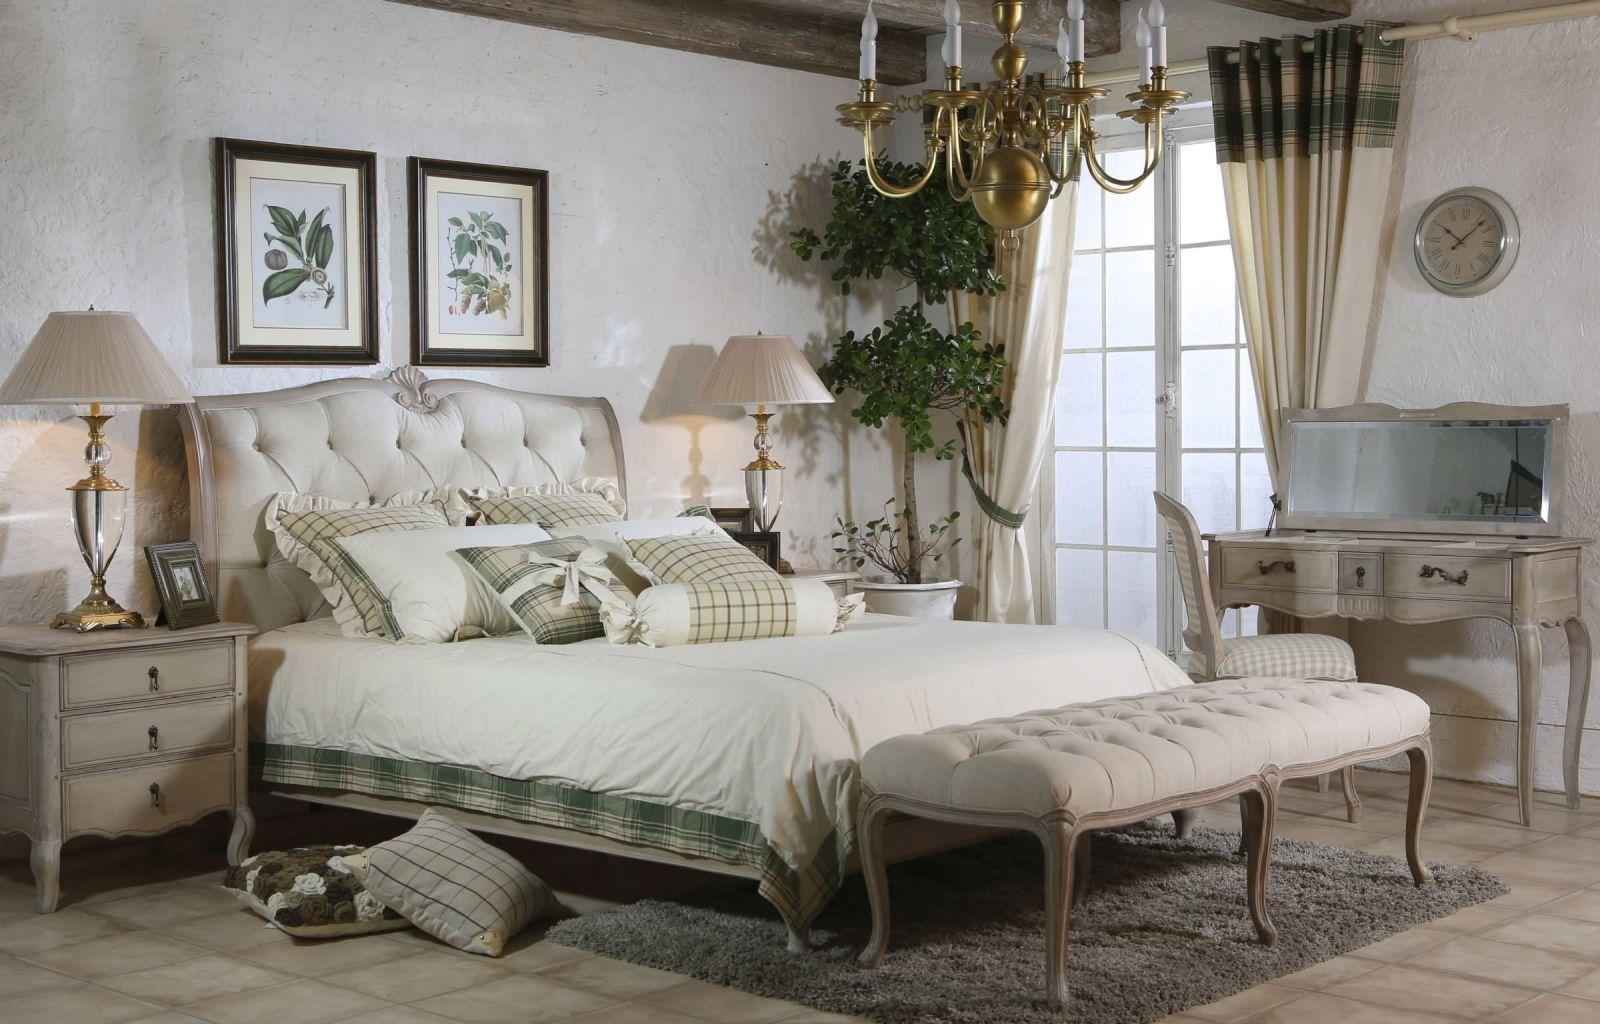 Интерьер спальни в стиле прованс фото